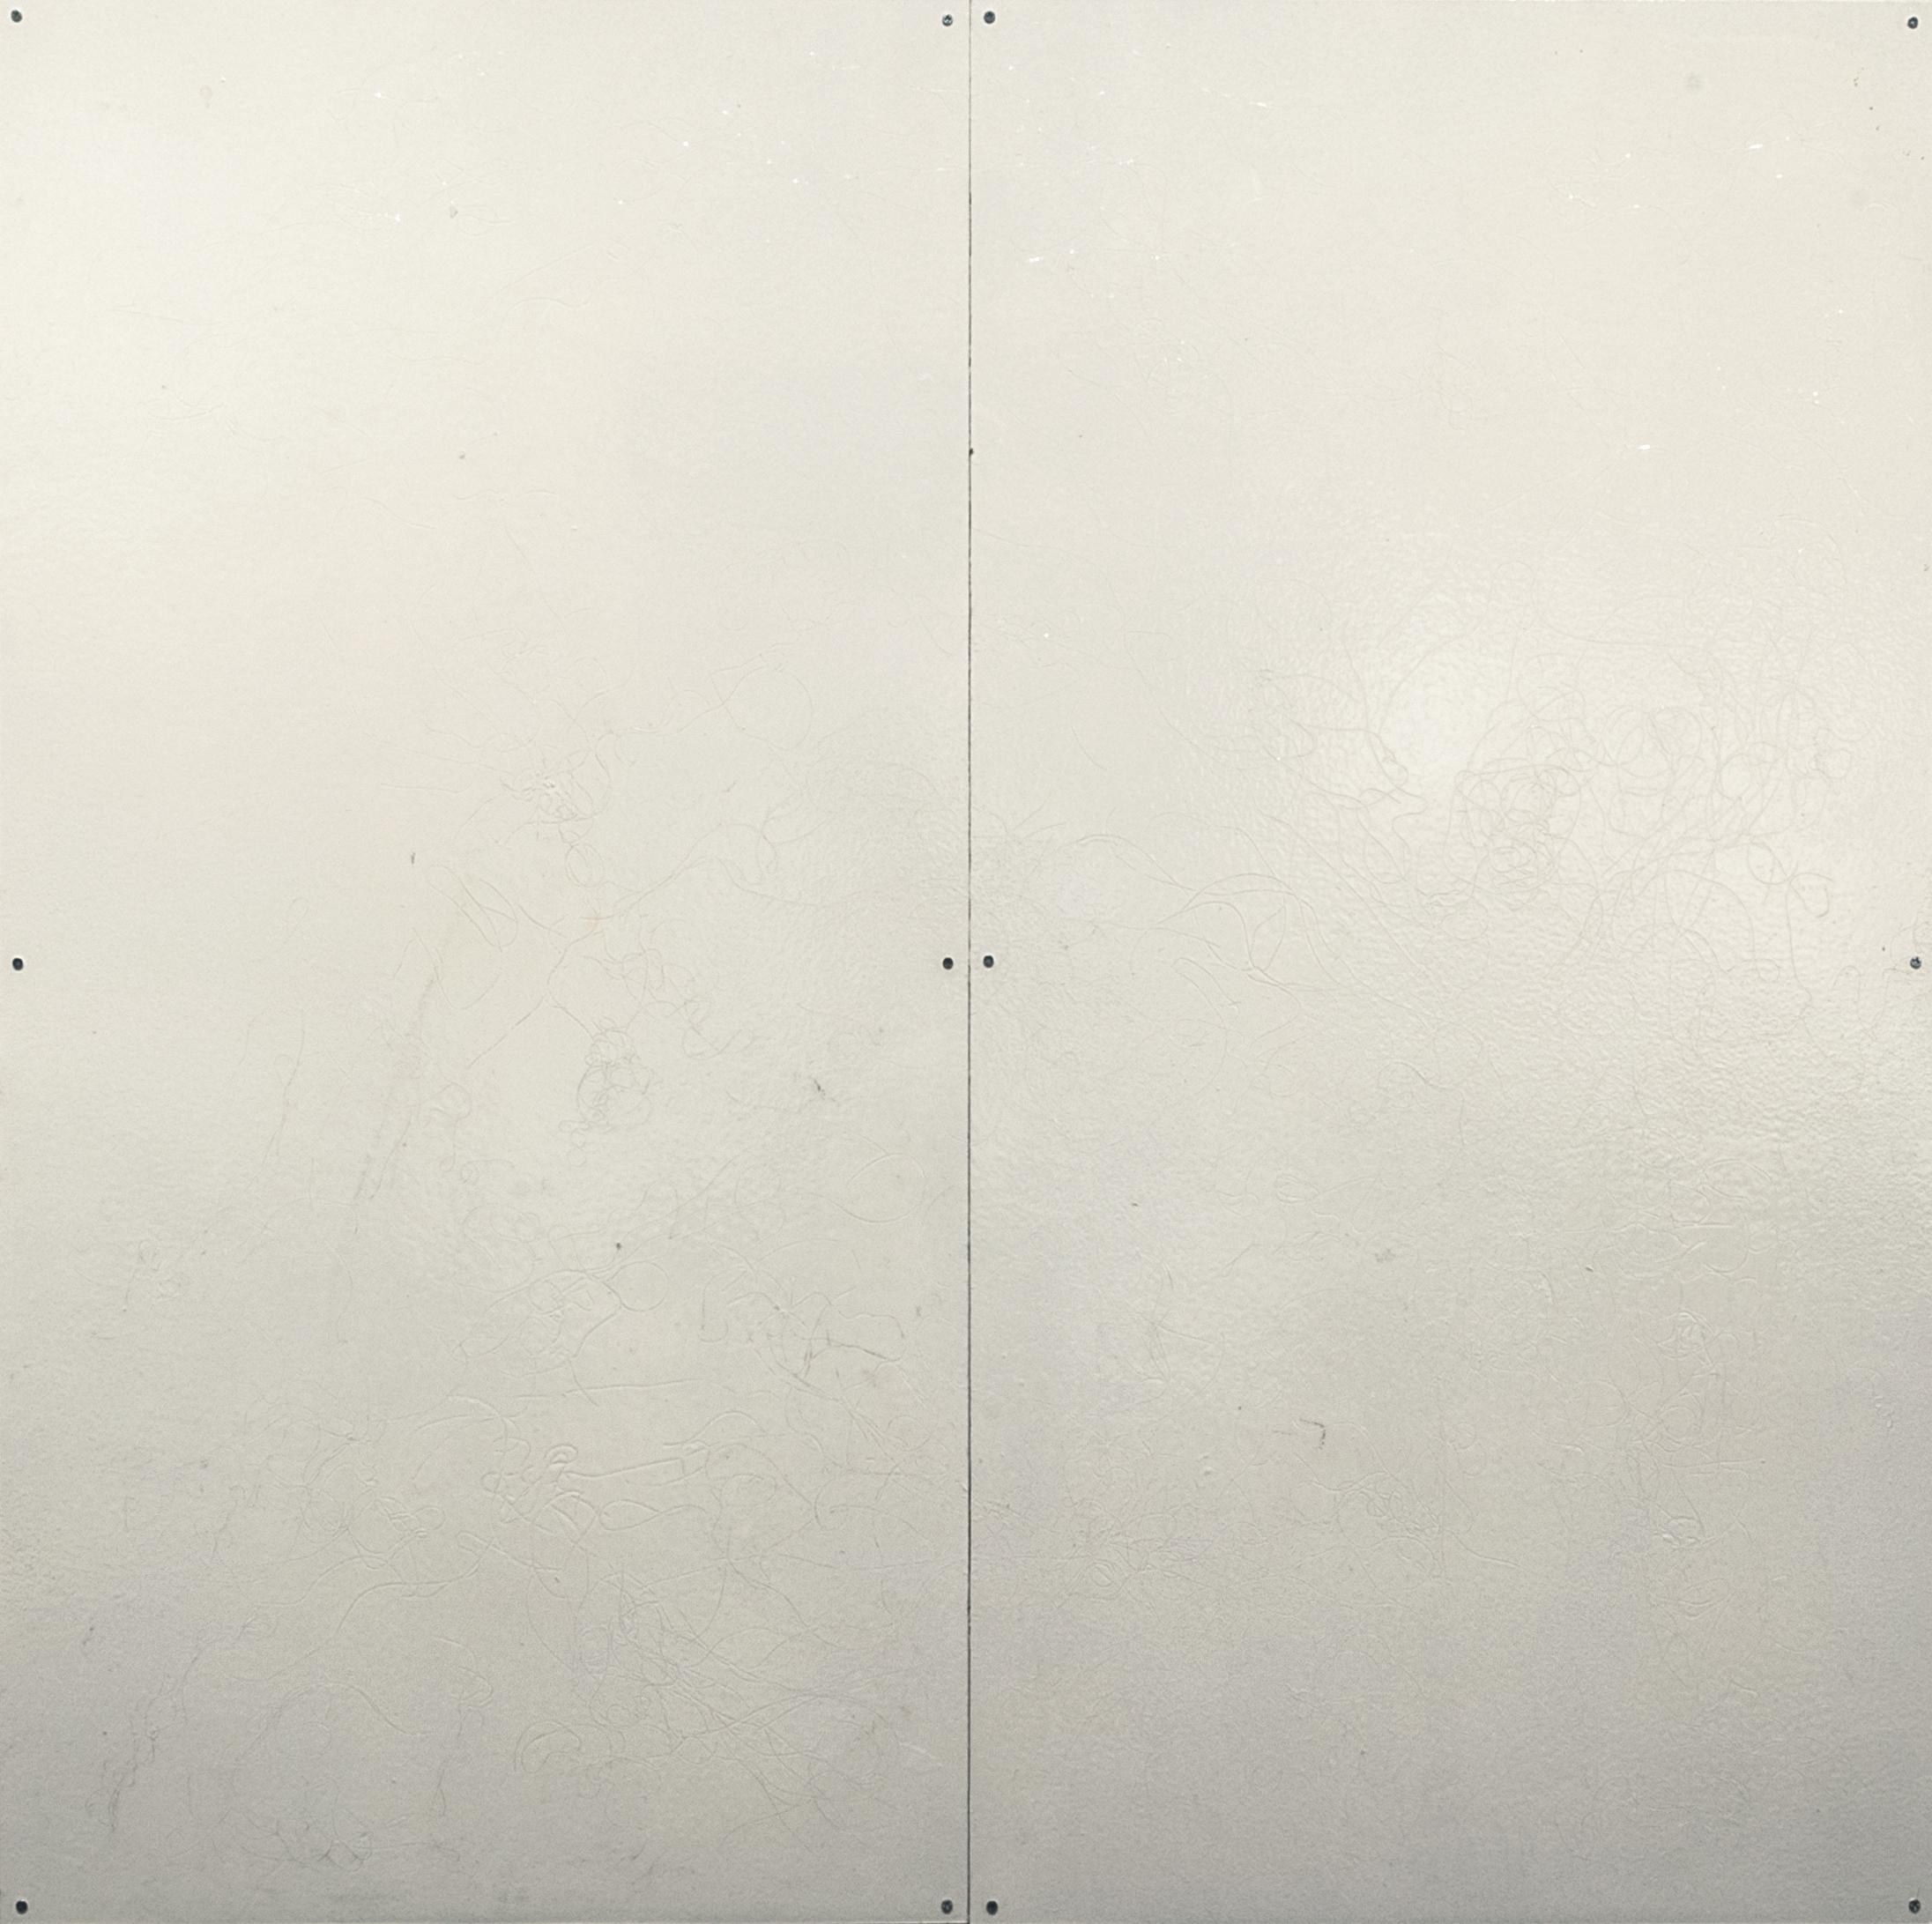 2018 48x48 whiteboard hair outline.jpg